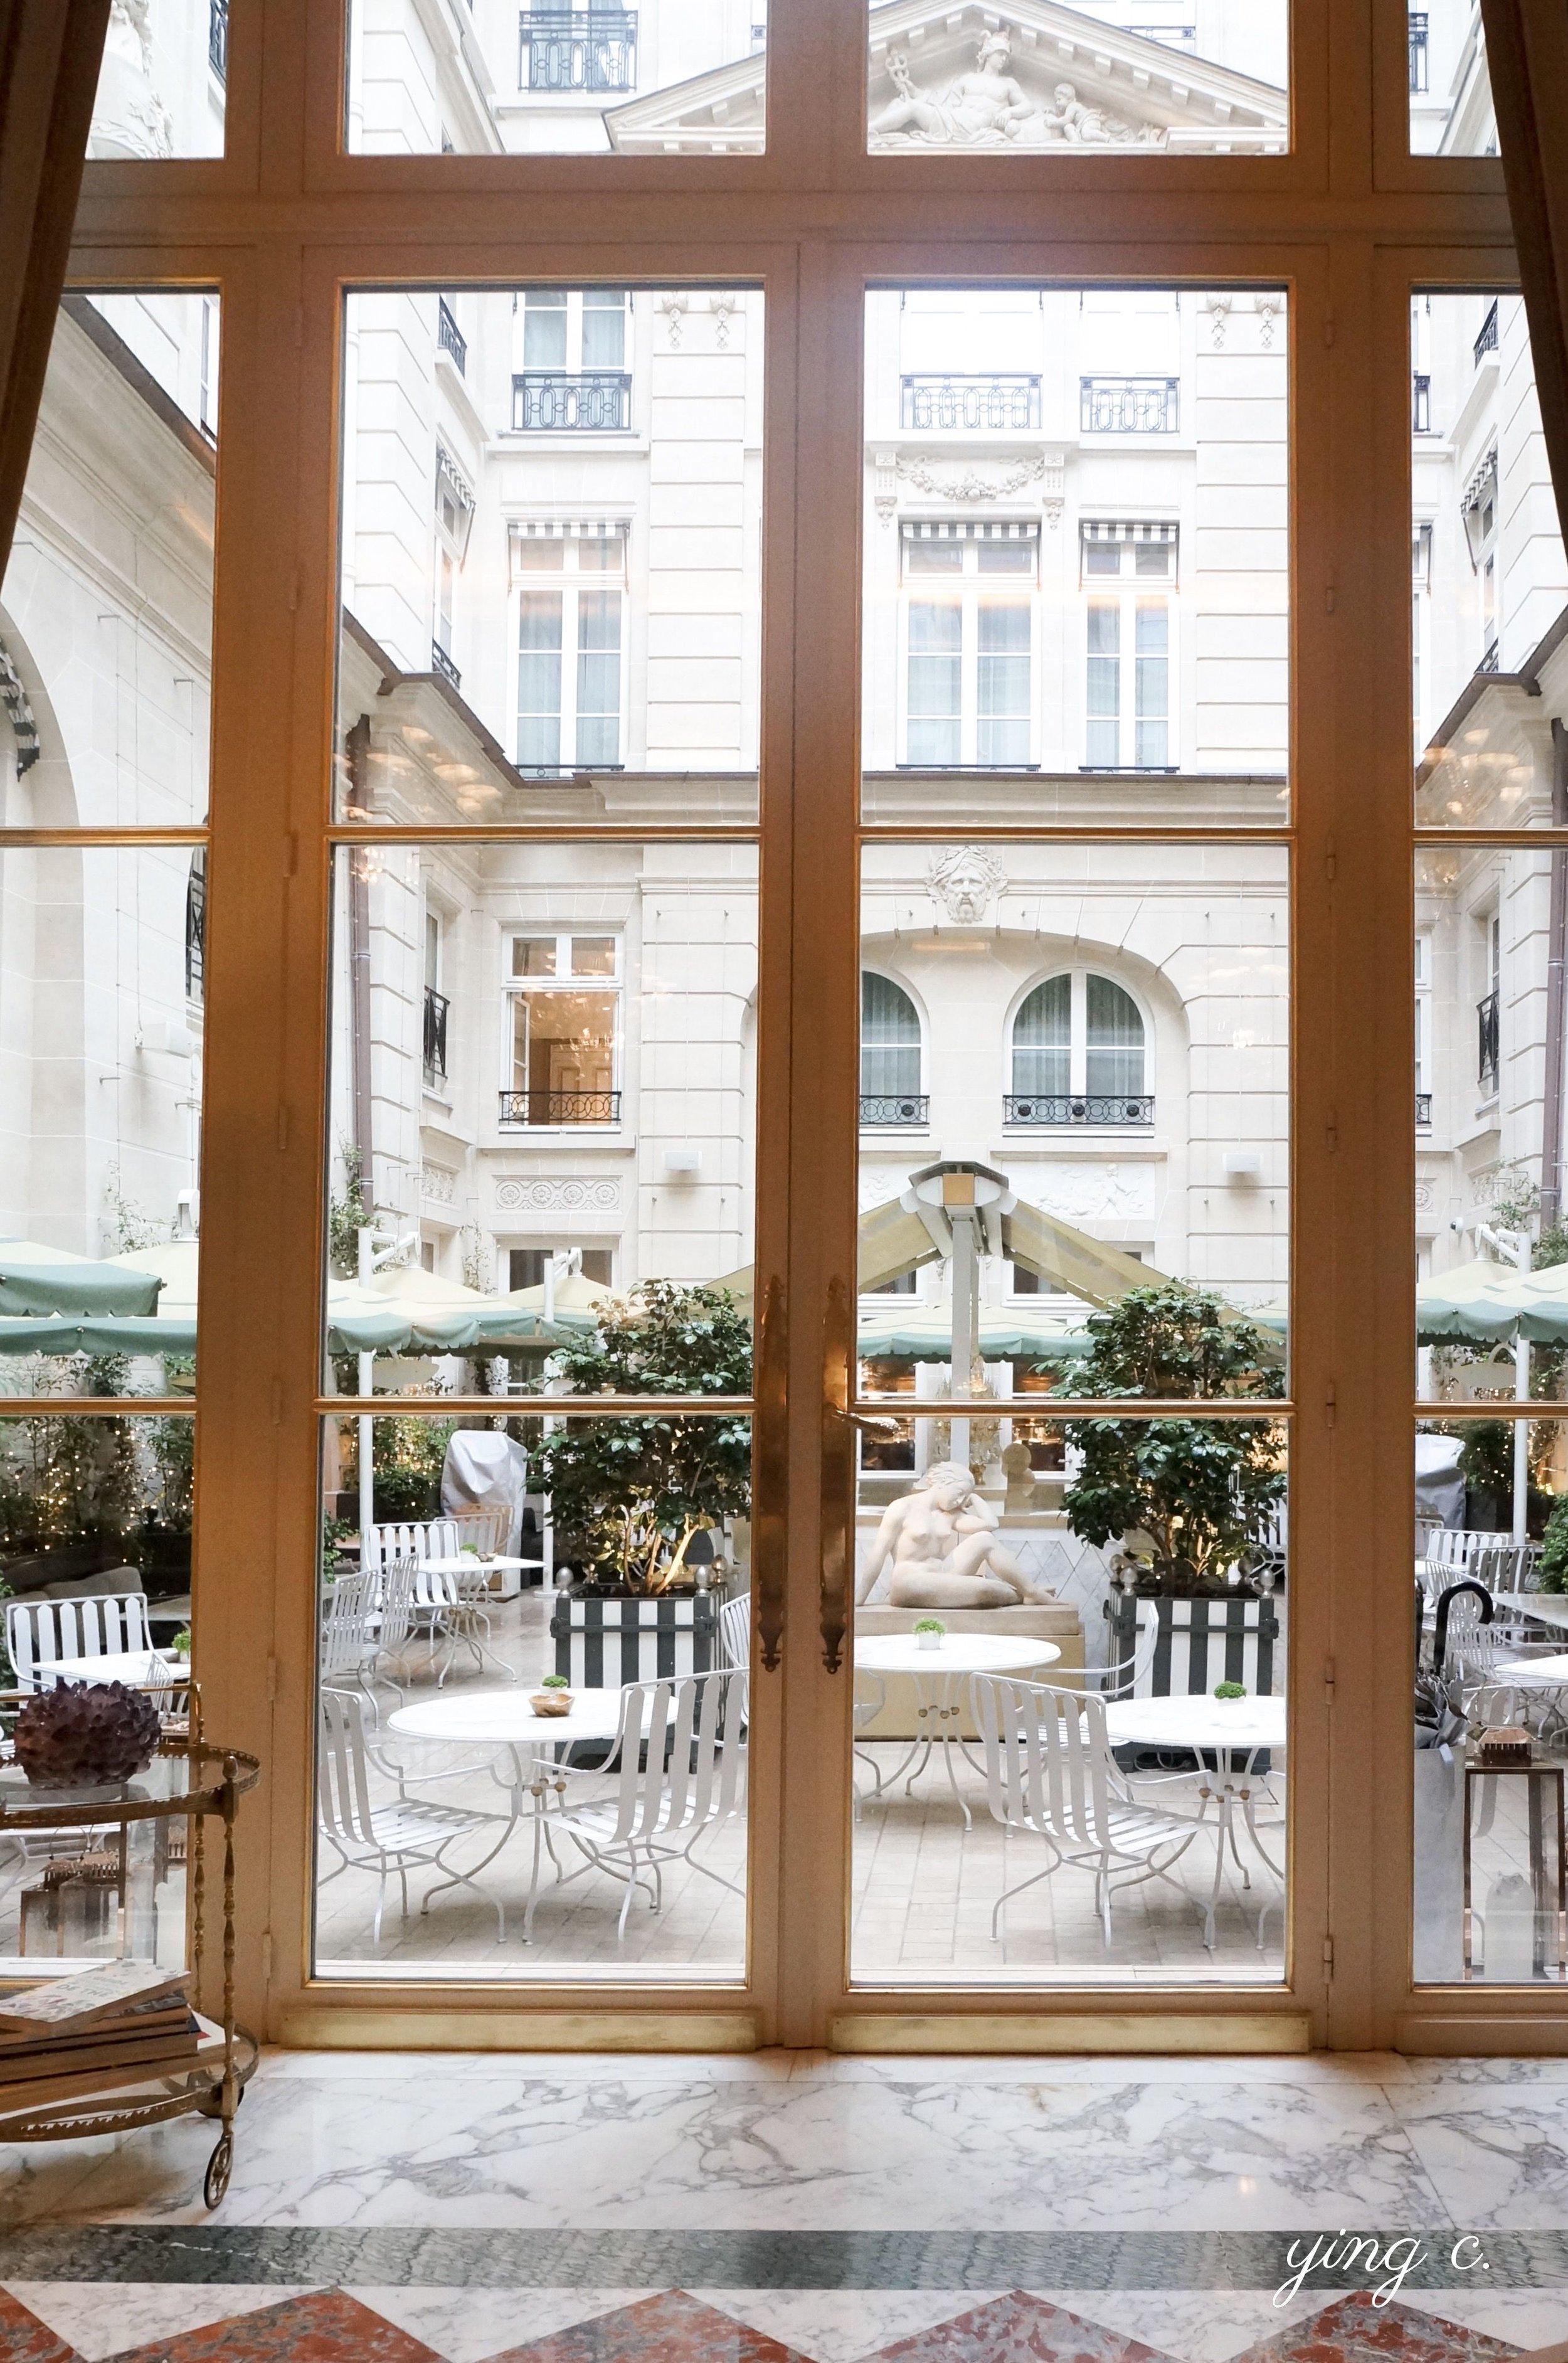 氣氛沈穩優雅的冬之花園下午茶廳。期待下次再會!